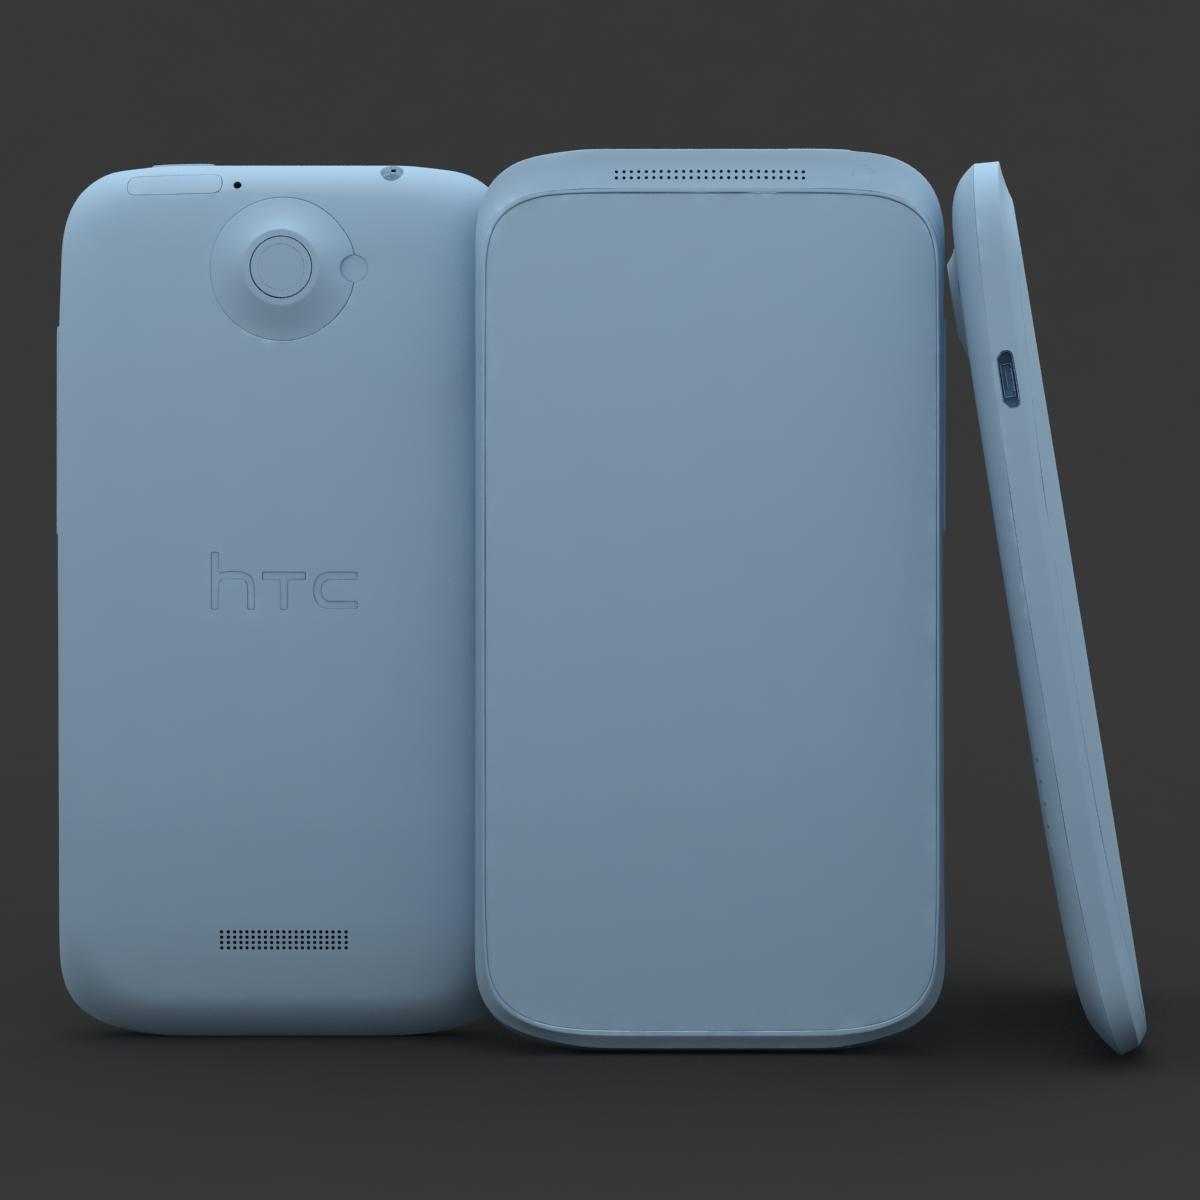 htc viens x + polārs balts 3d modelis 3ds max fbx c4d lwo obj 151418